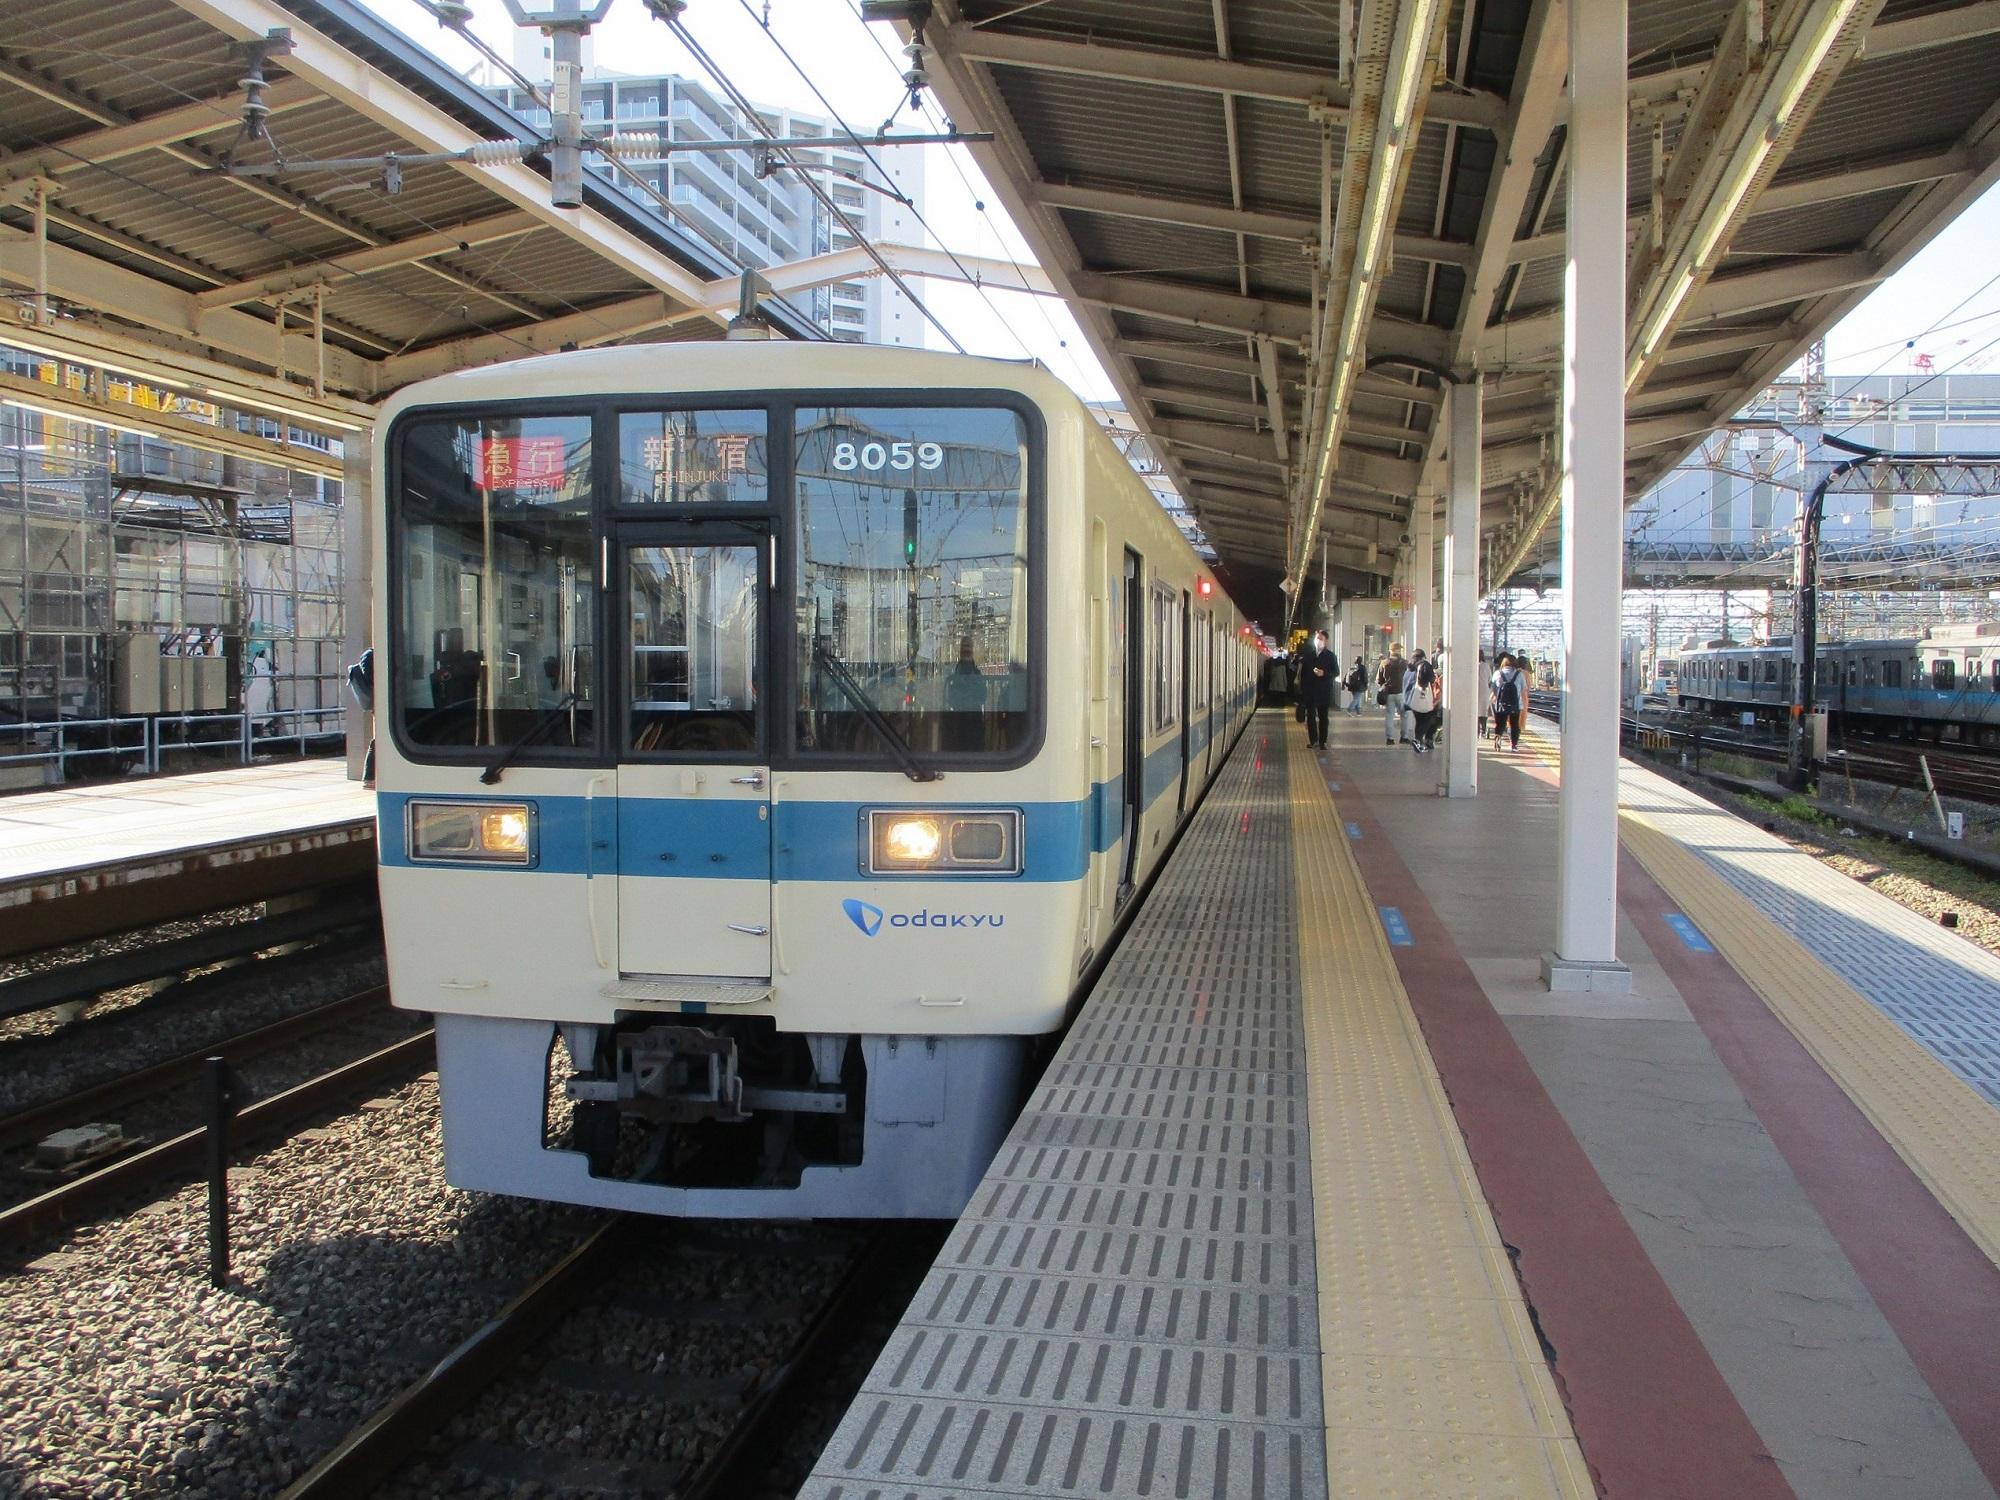 2019.12.16 (64) 海老名 - 新宿いき急行 2000-1500